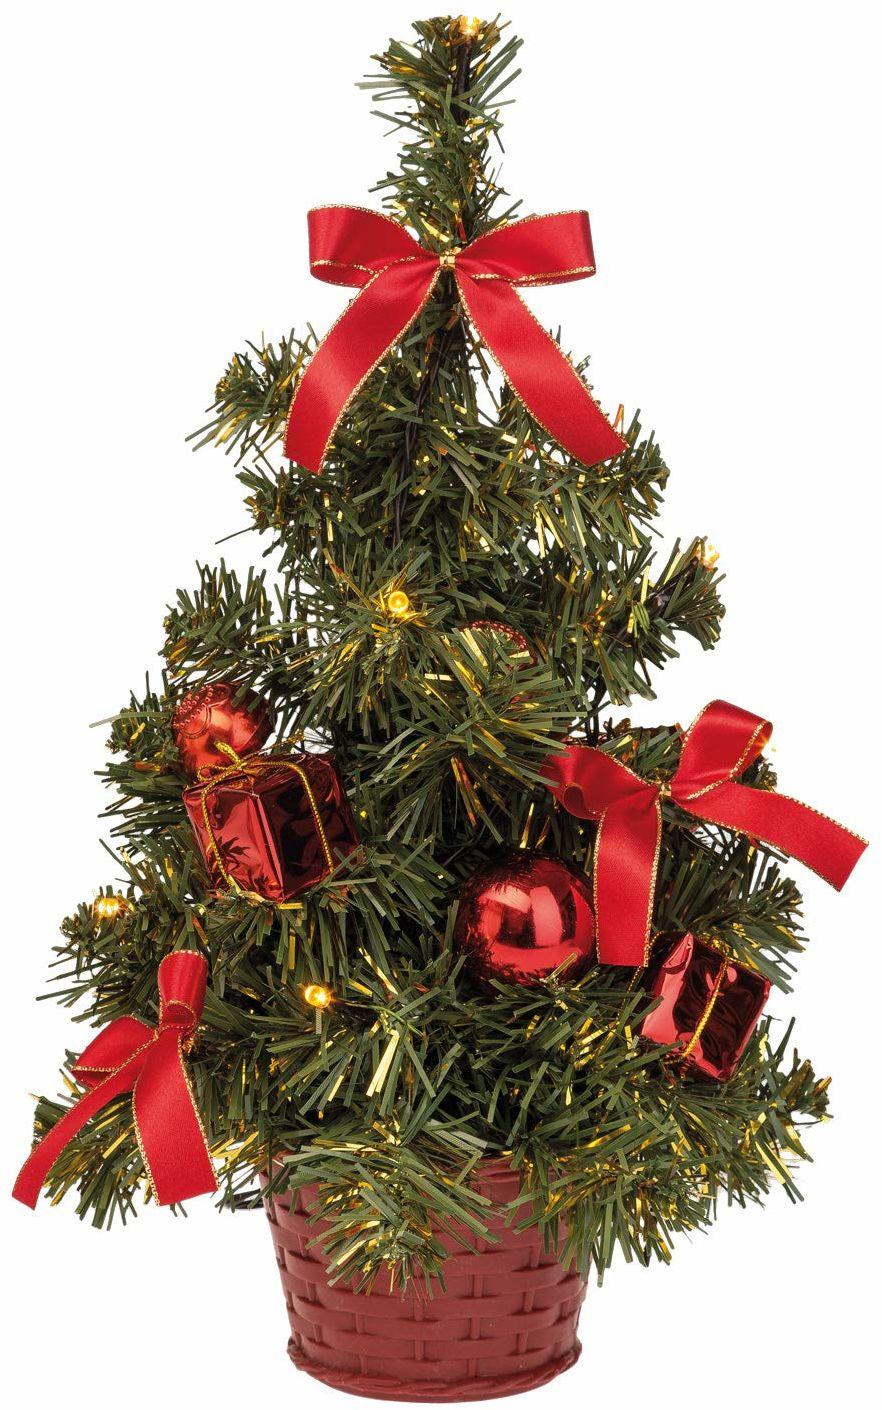 Idena 8582154 - Dekoracyjna choinka z 10 diodami LED ciepła biel, z 6-godzinnym timerem, na baterie, na Boże Narodzenie, Adwent, jako nastrojowe światło, choinka, ok. 35 cm